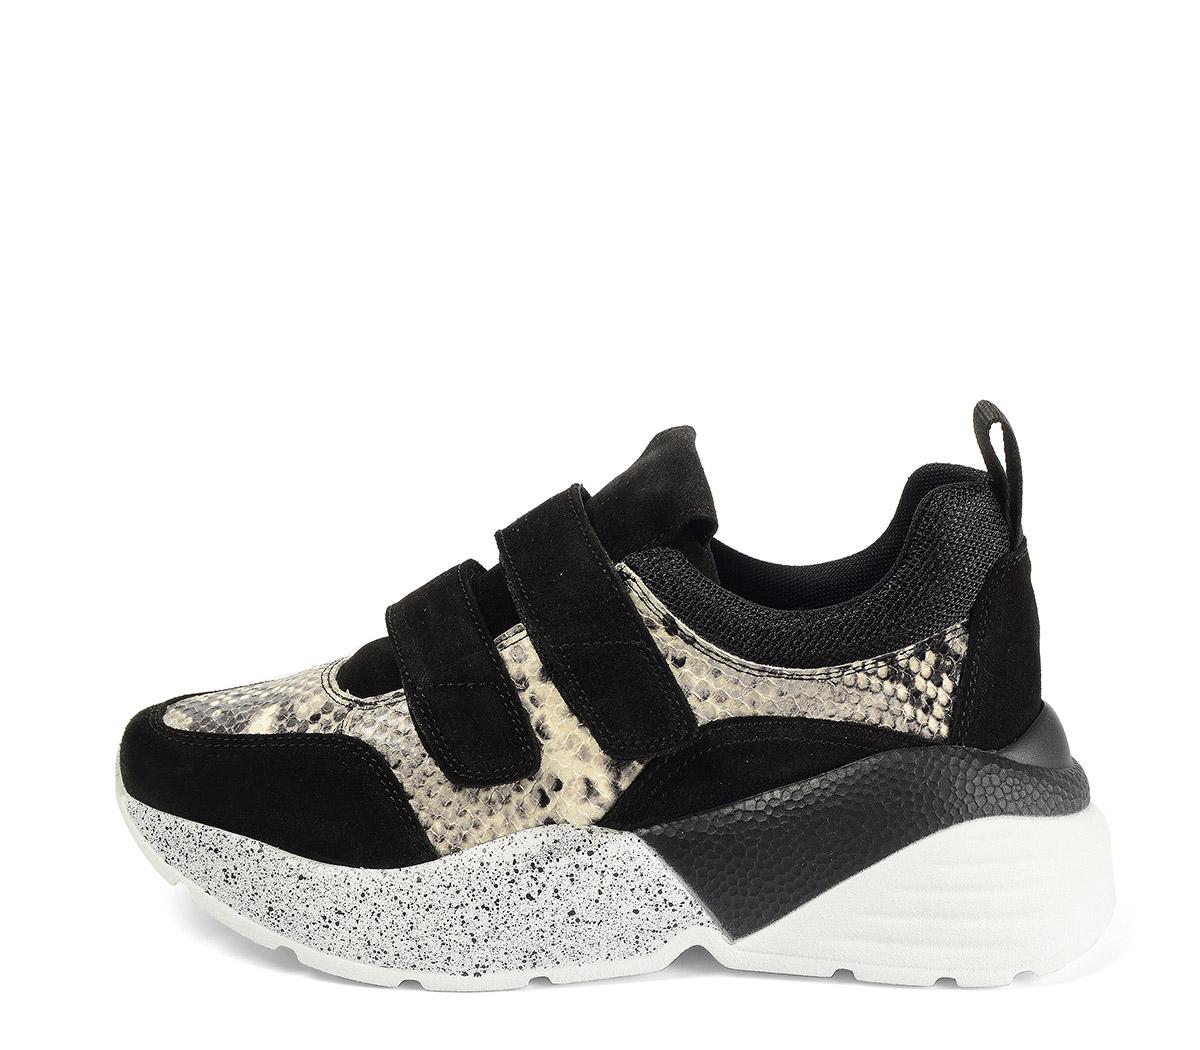 Ref. 4029 Sneaker piel grabado serpiente combinada con serraje negro. Dos velcros. Suela combinada en negro y blanco con altura trasera de 6 cm.